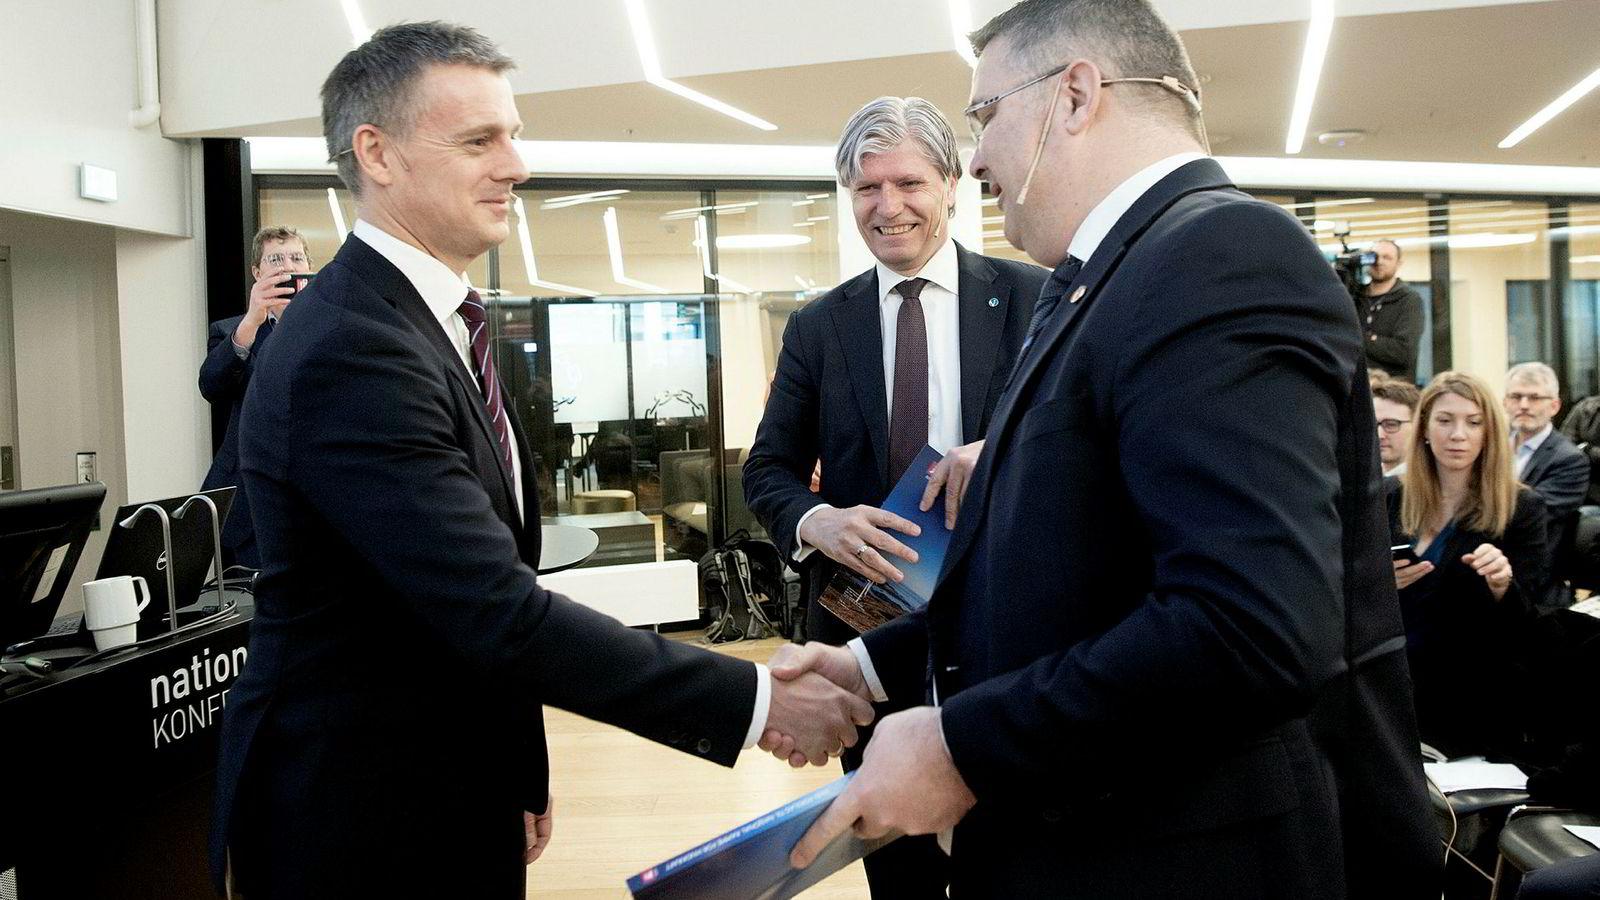 NVE-sjef Kjetil Lund (til venstre) overrakte mandag sitt forslag til nasjonal vindkraftramme til olje- og energiminister Kjell-Børge Freiberg (til høyre) og miljøvernminister Ola Elvestuen (midten).